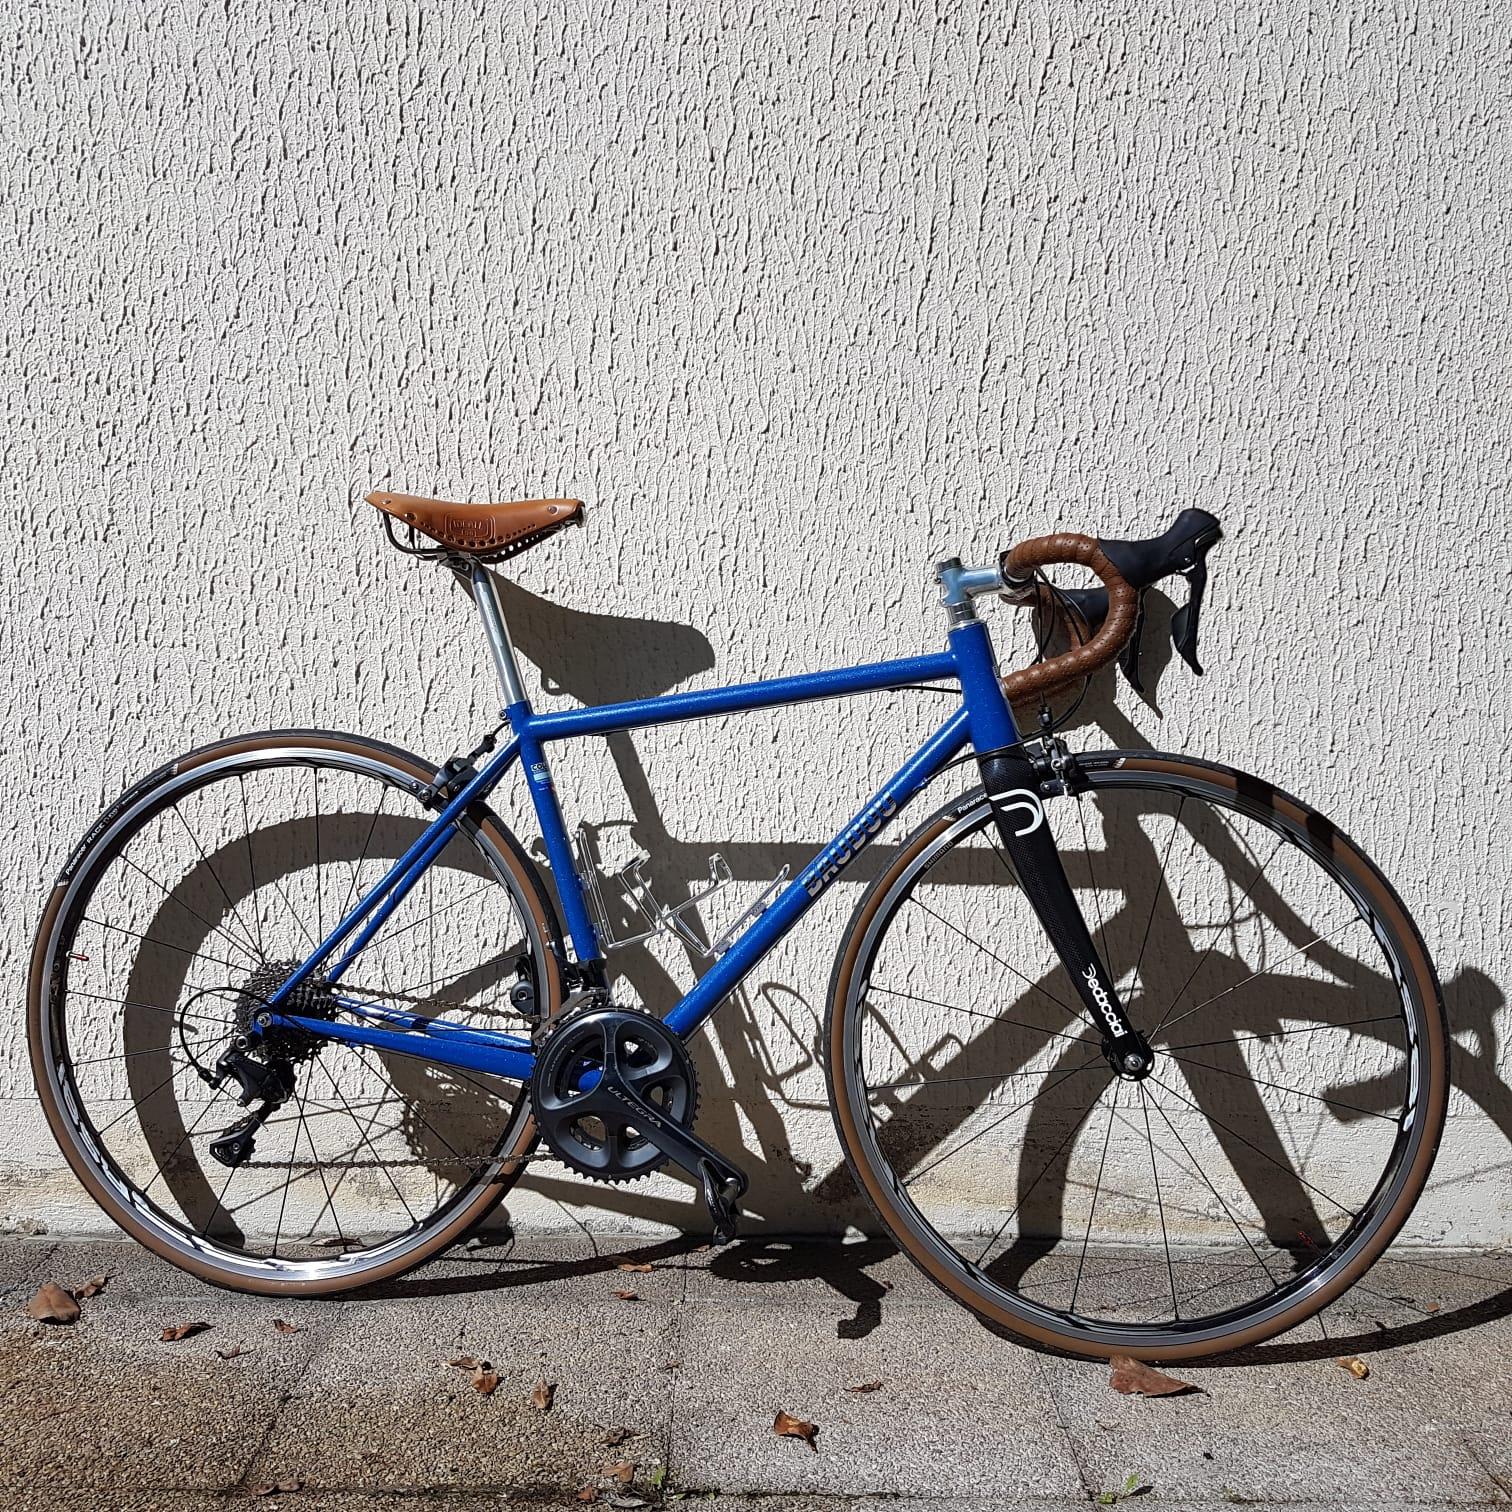 BAUDOU-Bikes_route_coté_2